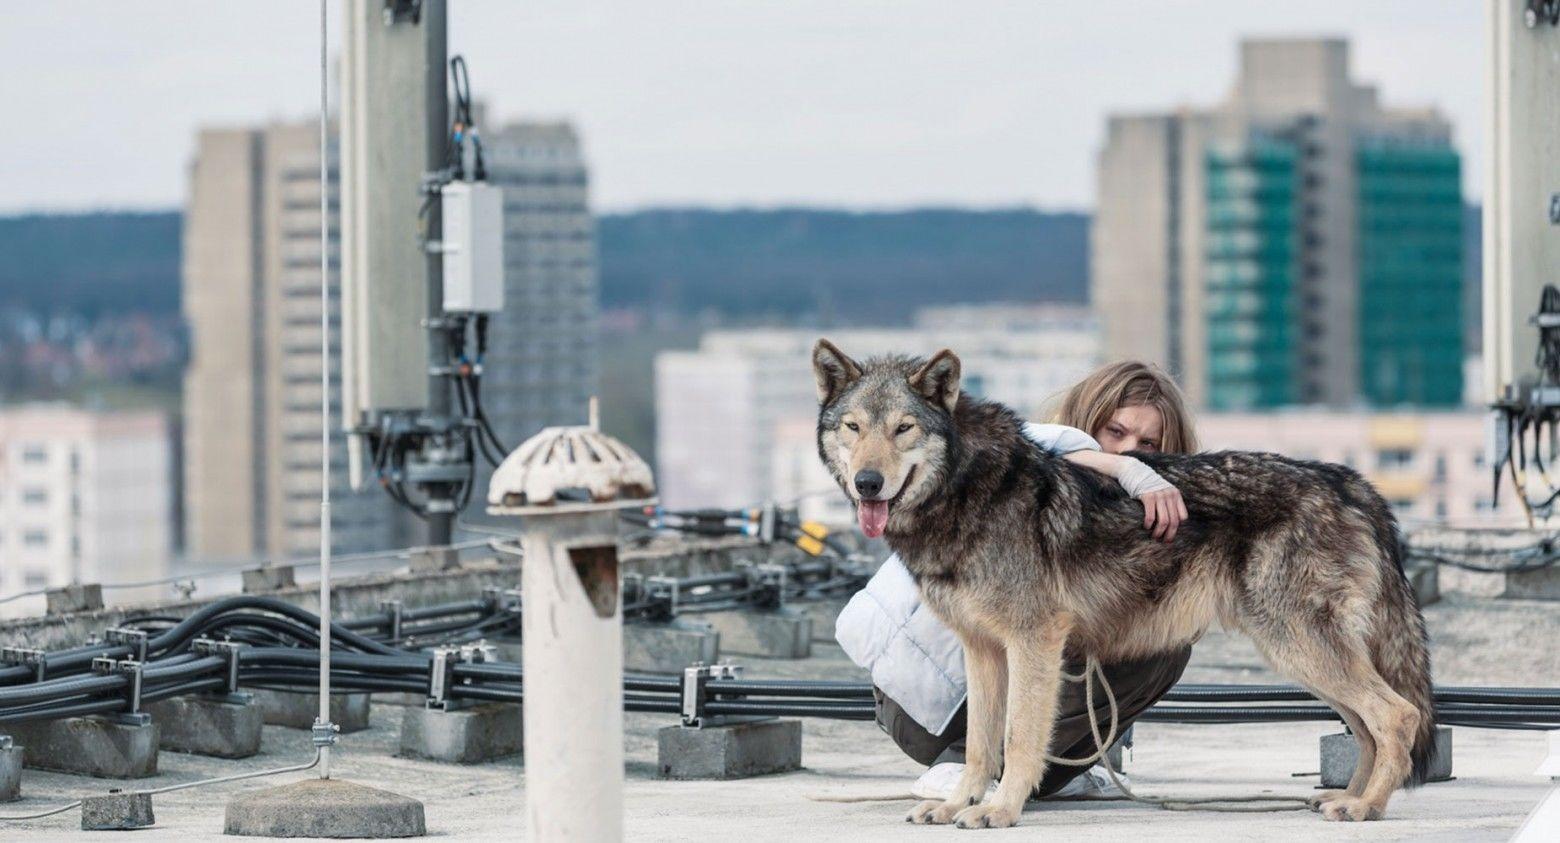 Немецкий фильм «Дикое» («Дикая») 2016 года, актрисы и режиссёра Николетт Кребиц